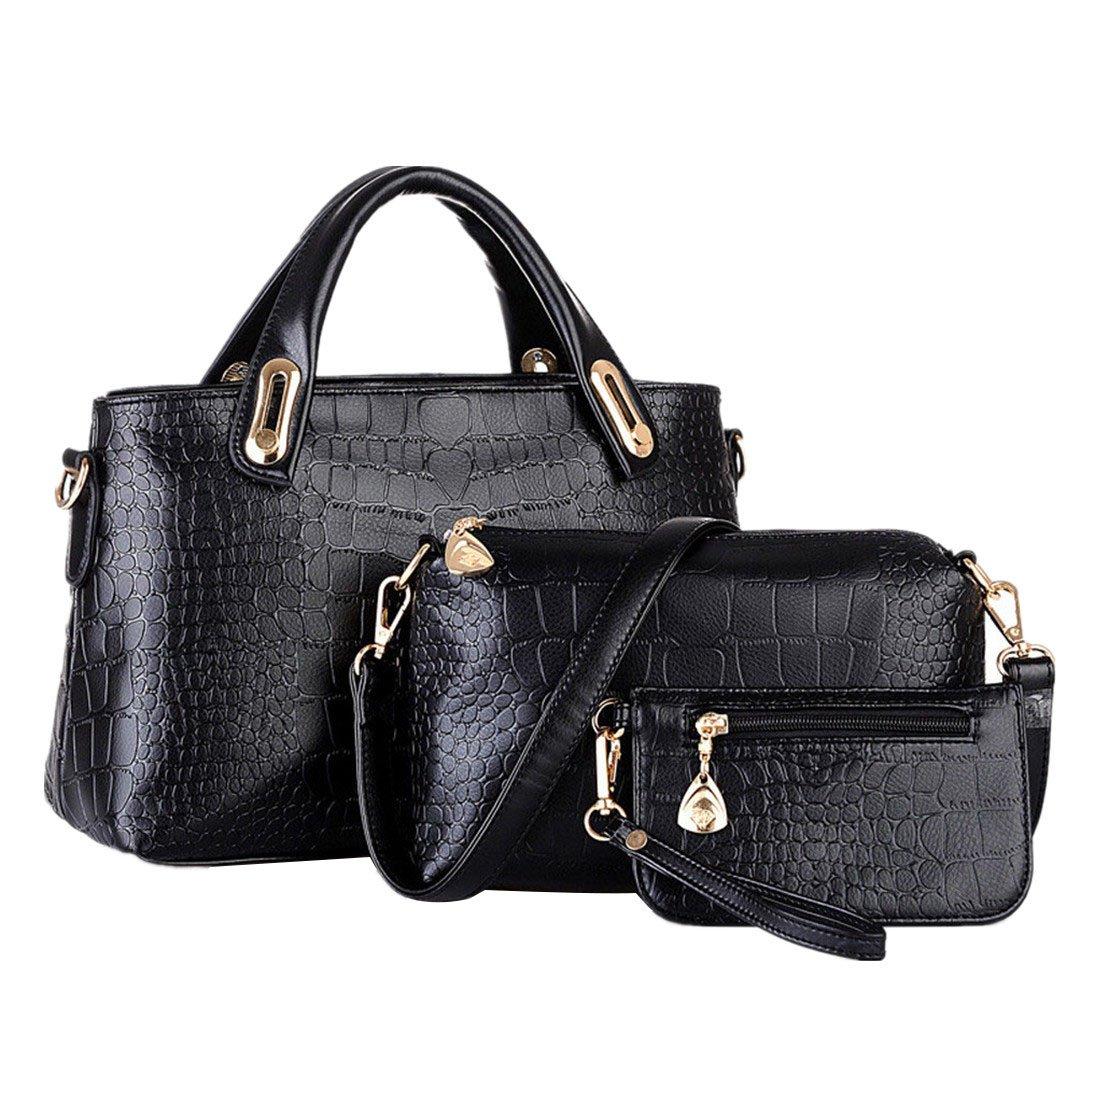 ESAILQ Un conjunto de bolsas de hombro bolso y la cartera de cuero para damas (amarillo): Amazon.es: Zapatos y complementos